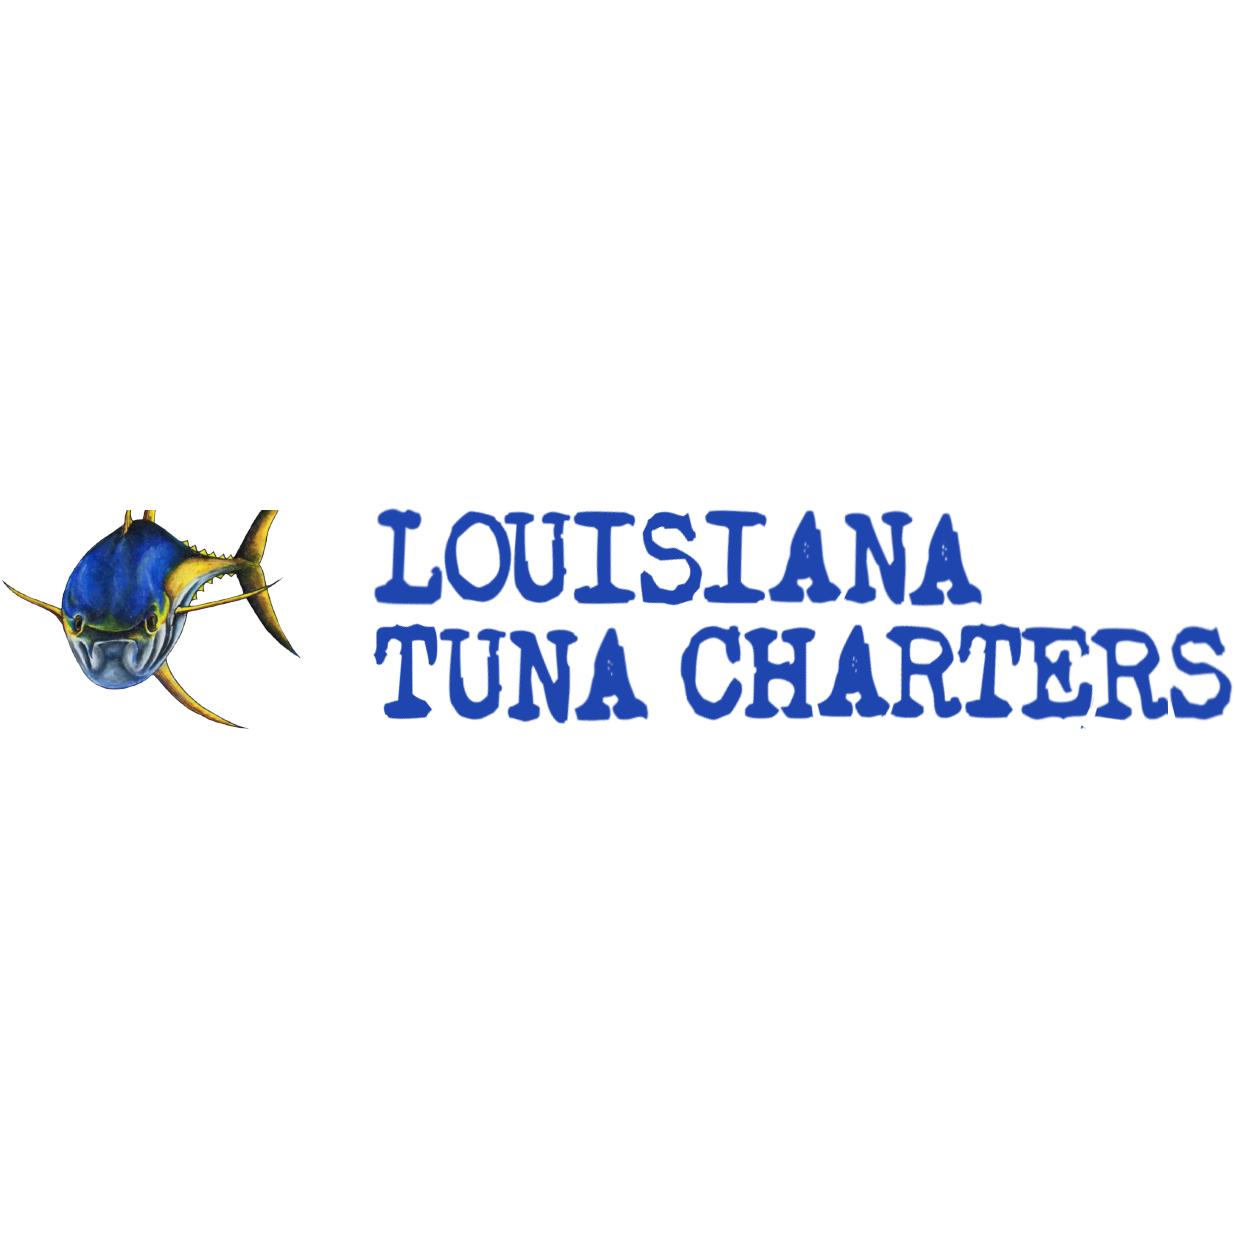 Louisiana Tuna Charters